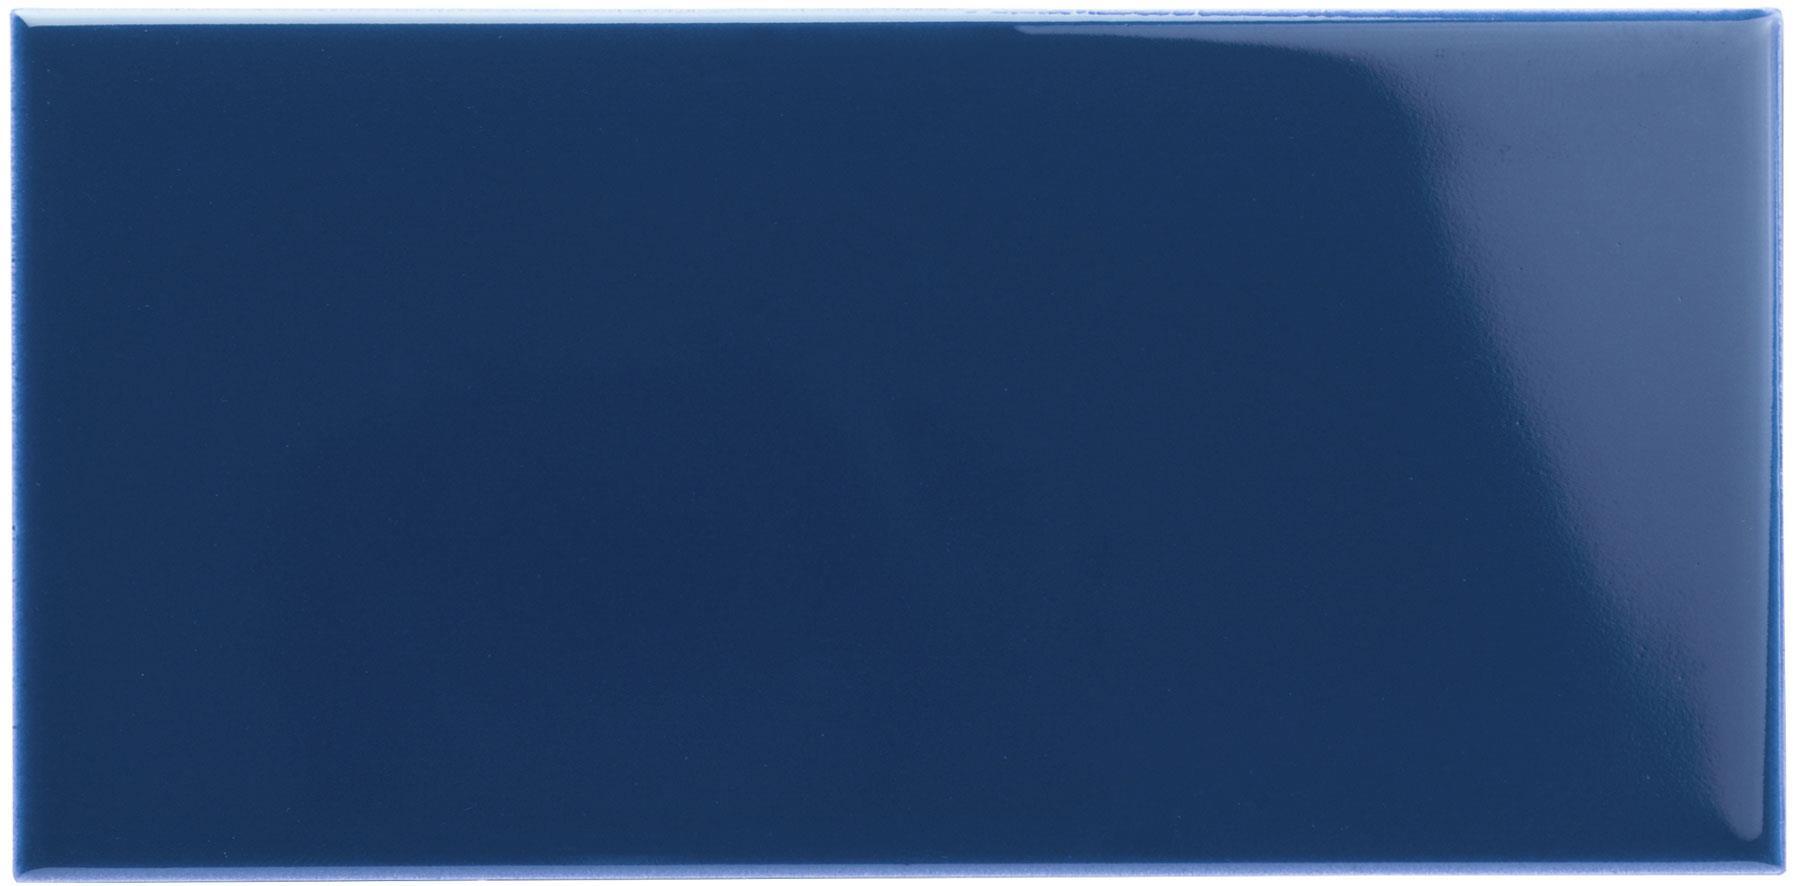 618468ec-4b32-4db0-9c11-3b485bfa3f0a.jpg